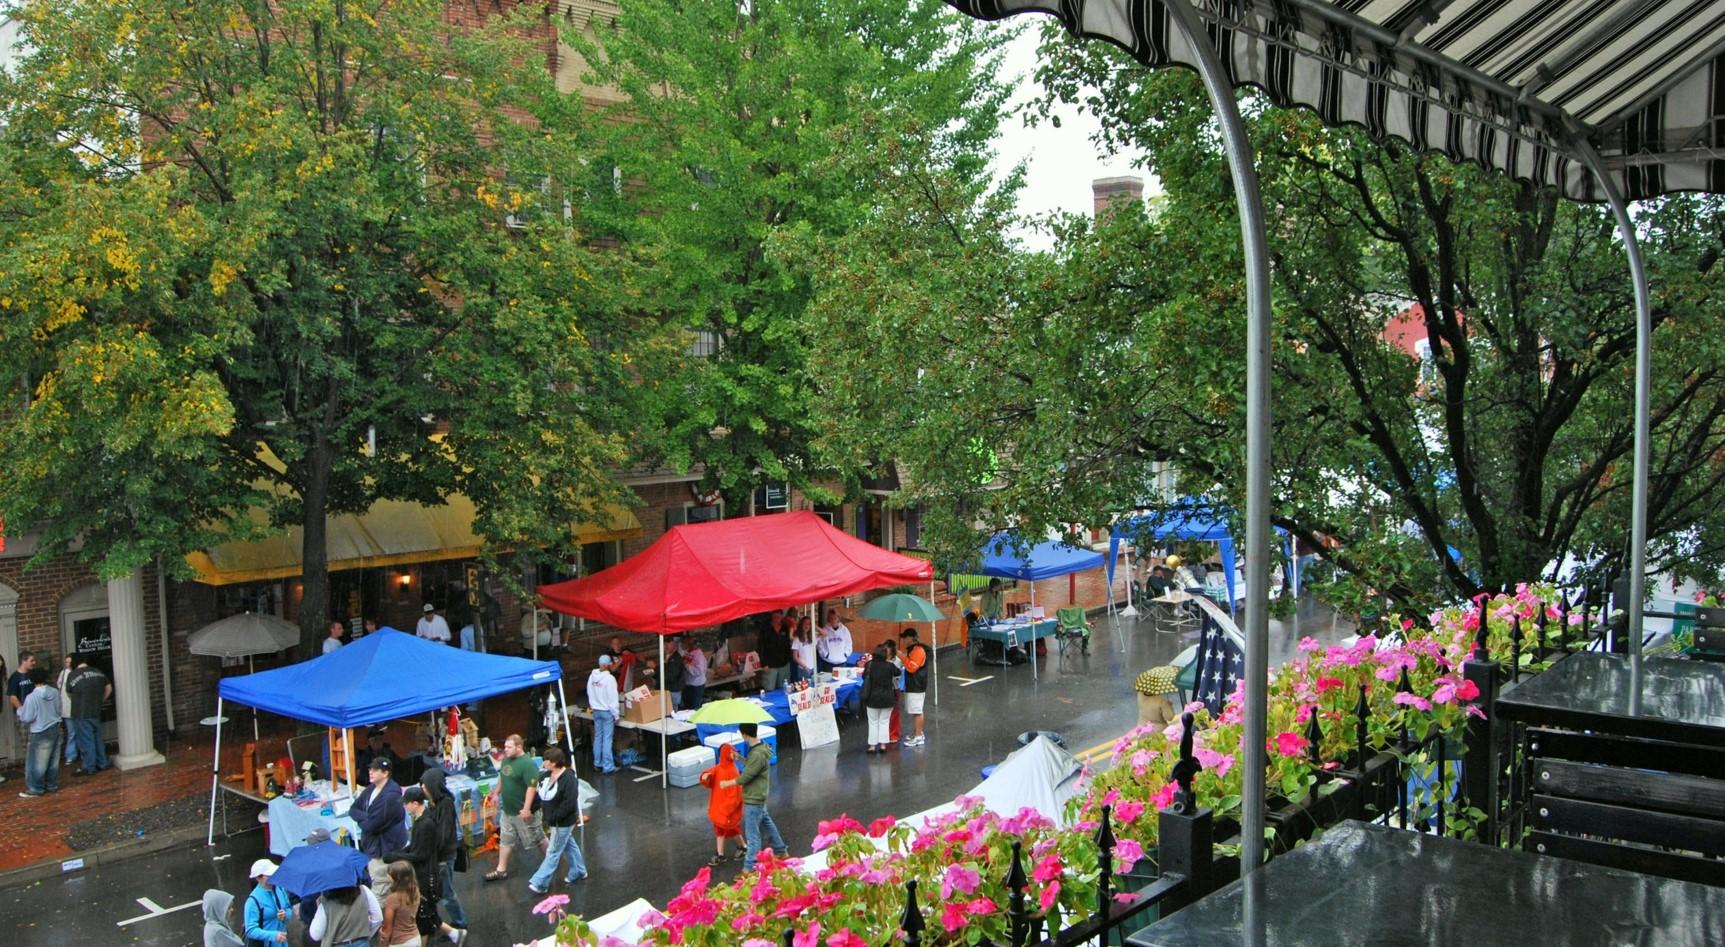 Annual Street Fair, Downtown Selinsgrove